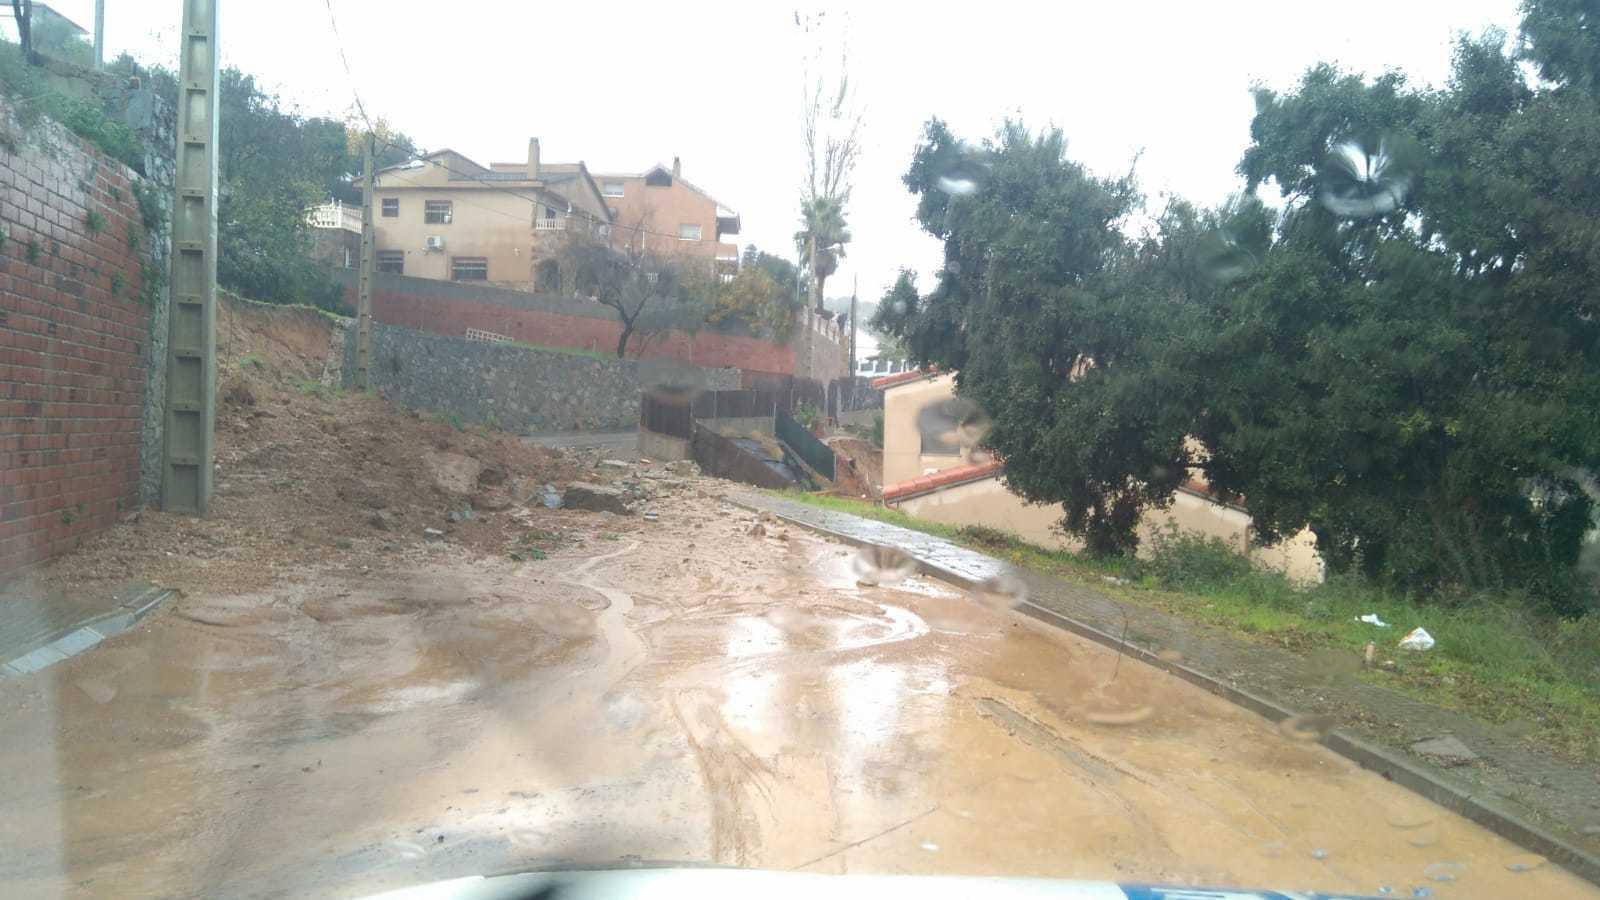 Les pluges han provocat esfondraments a la Urbanització can Barceló, a Rubí.